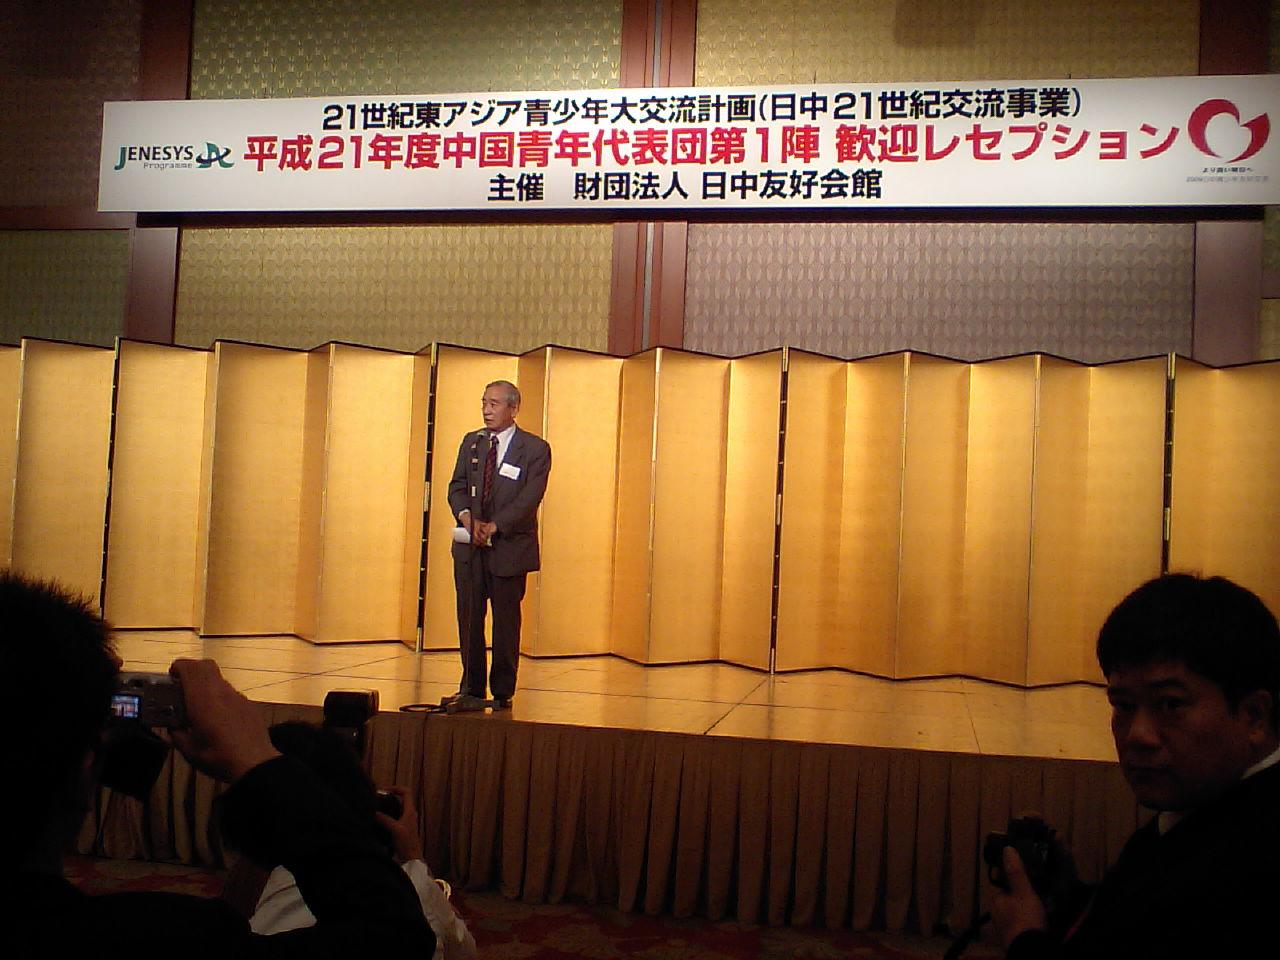 主催側を代表して 日中友好会館会長代行谷野作太郎先生が中国語で挨拶_d0027795_184995.jpg